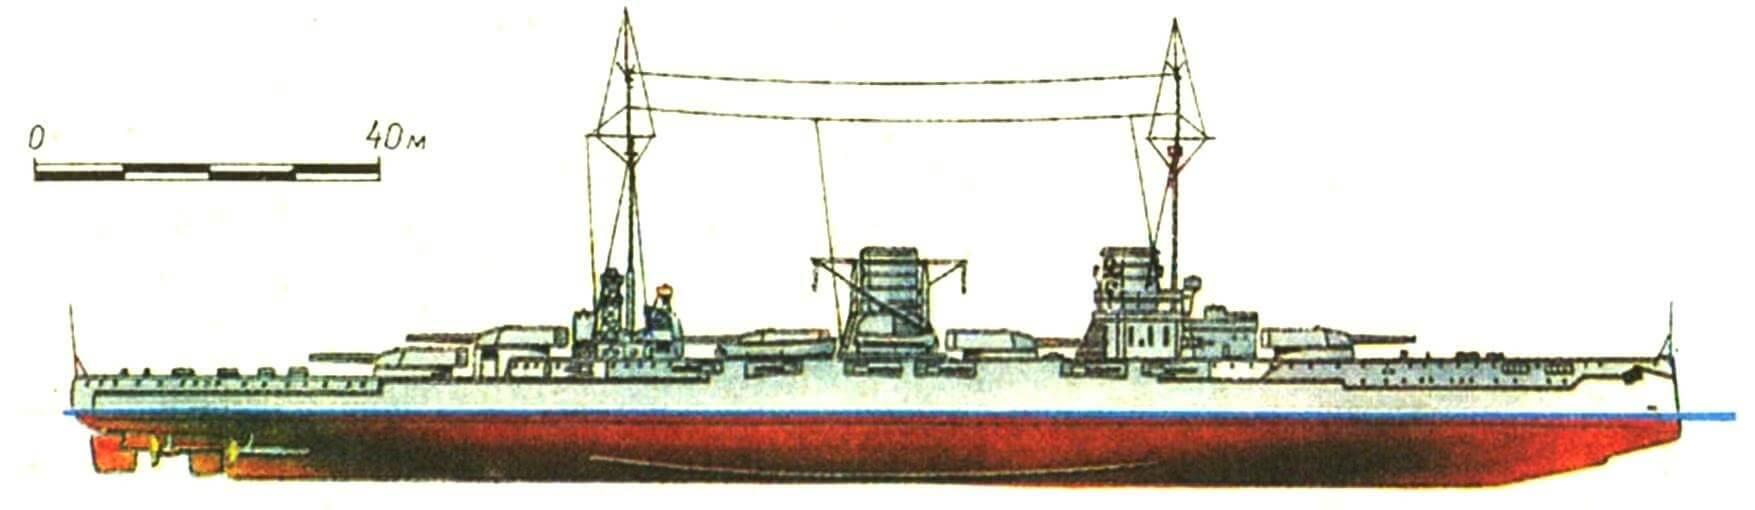 181. Линейный крейсер «МОЛЬТКЕ», Германия, 1912 г. Заложен в 1908 г., спущен на воду в 1910 г. Водоизмещение нормальное 22 616 т, полное 25 300 т. Длина наибольшая 186,5 м, ширина 29,5 м, осадка 9 м. Мощность турбин 52 000 л.с. скорость 25,5 уз. Броня: пояс 270—100 мм, траверзы 200—100 мм, казематы 200—150 мм, башни 230—60 мм, рубка 350—80 мм, палуба 50 мм. Вооружение: как на «Зейдлице». Всего построено 2 единицы: «Мольтке» и «Гебен» (оба 1912 г.).